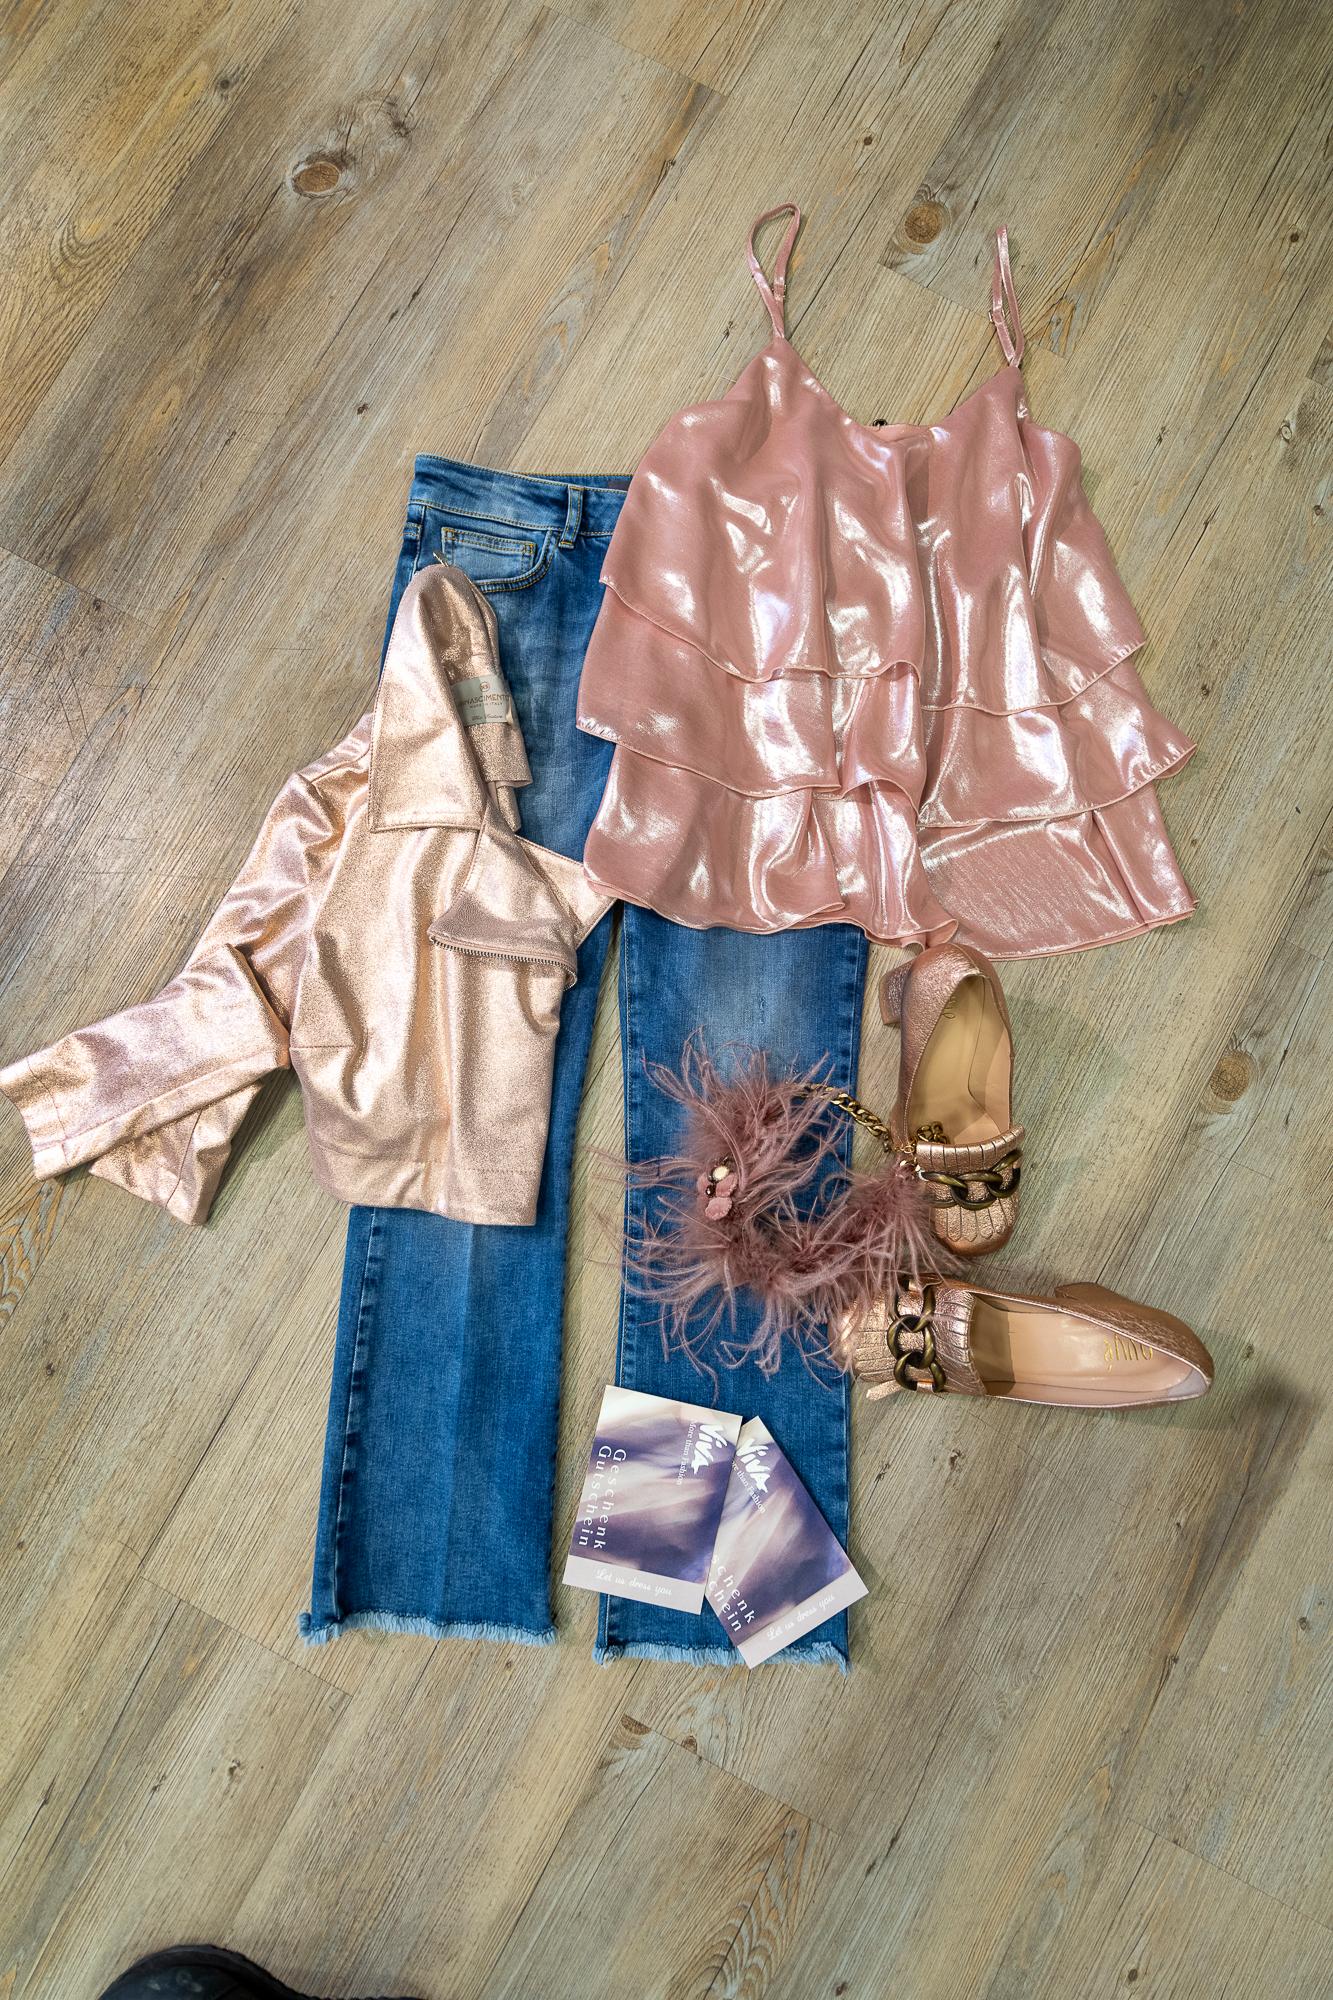 Jeans_Jacken_Shirts_Accessoires_Schuhe_Schmuck__DET5775